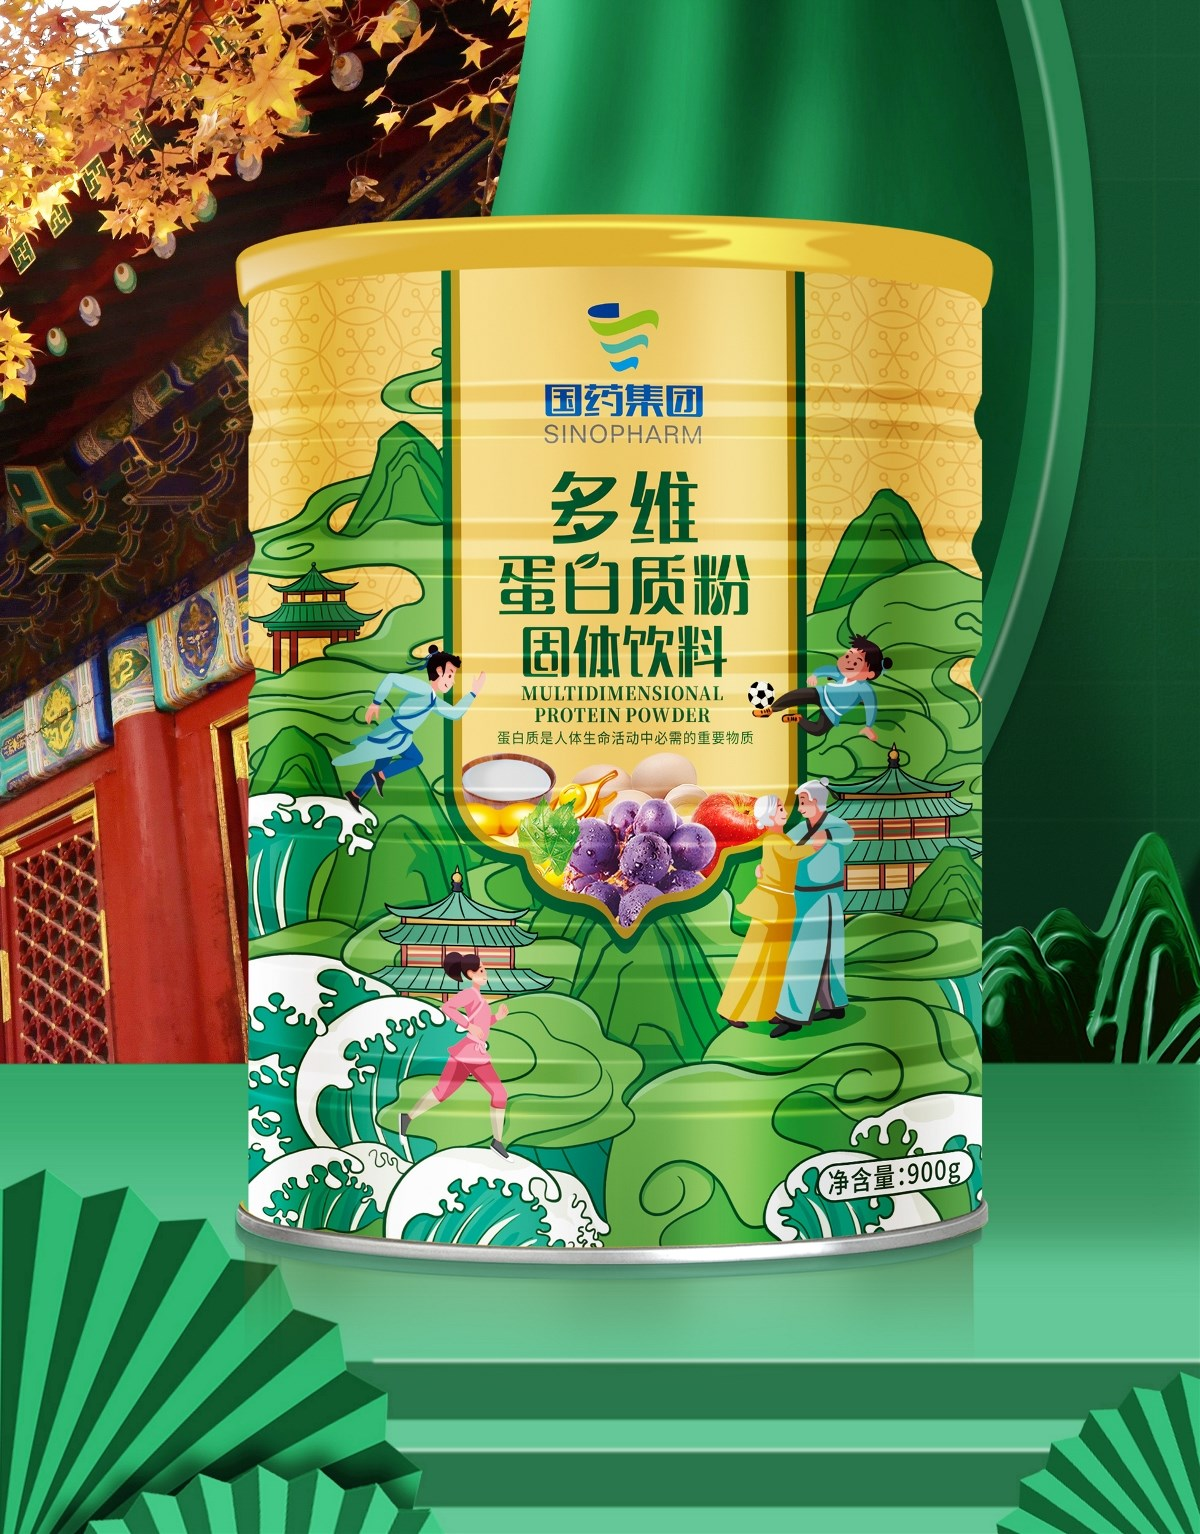 六鹿设计x国药集团-蛋白质粉系列